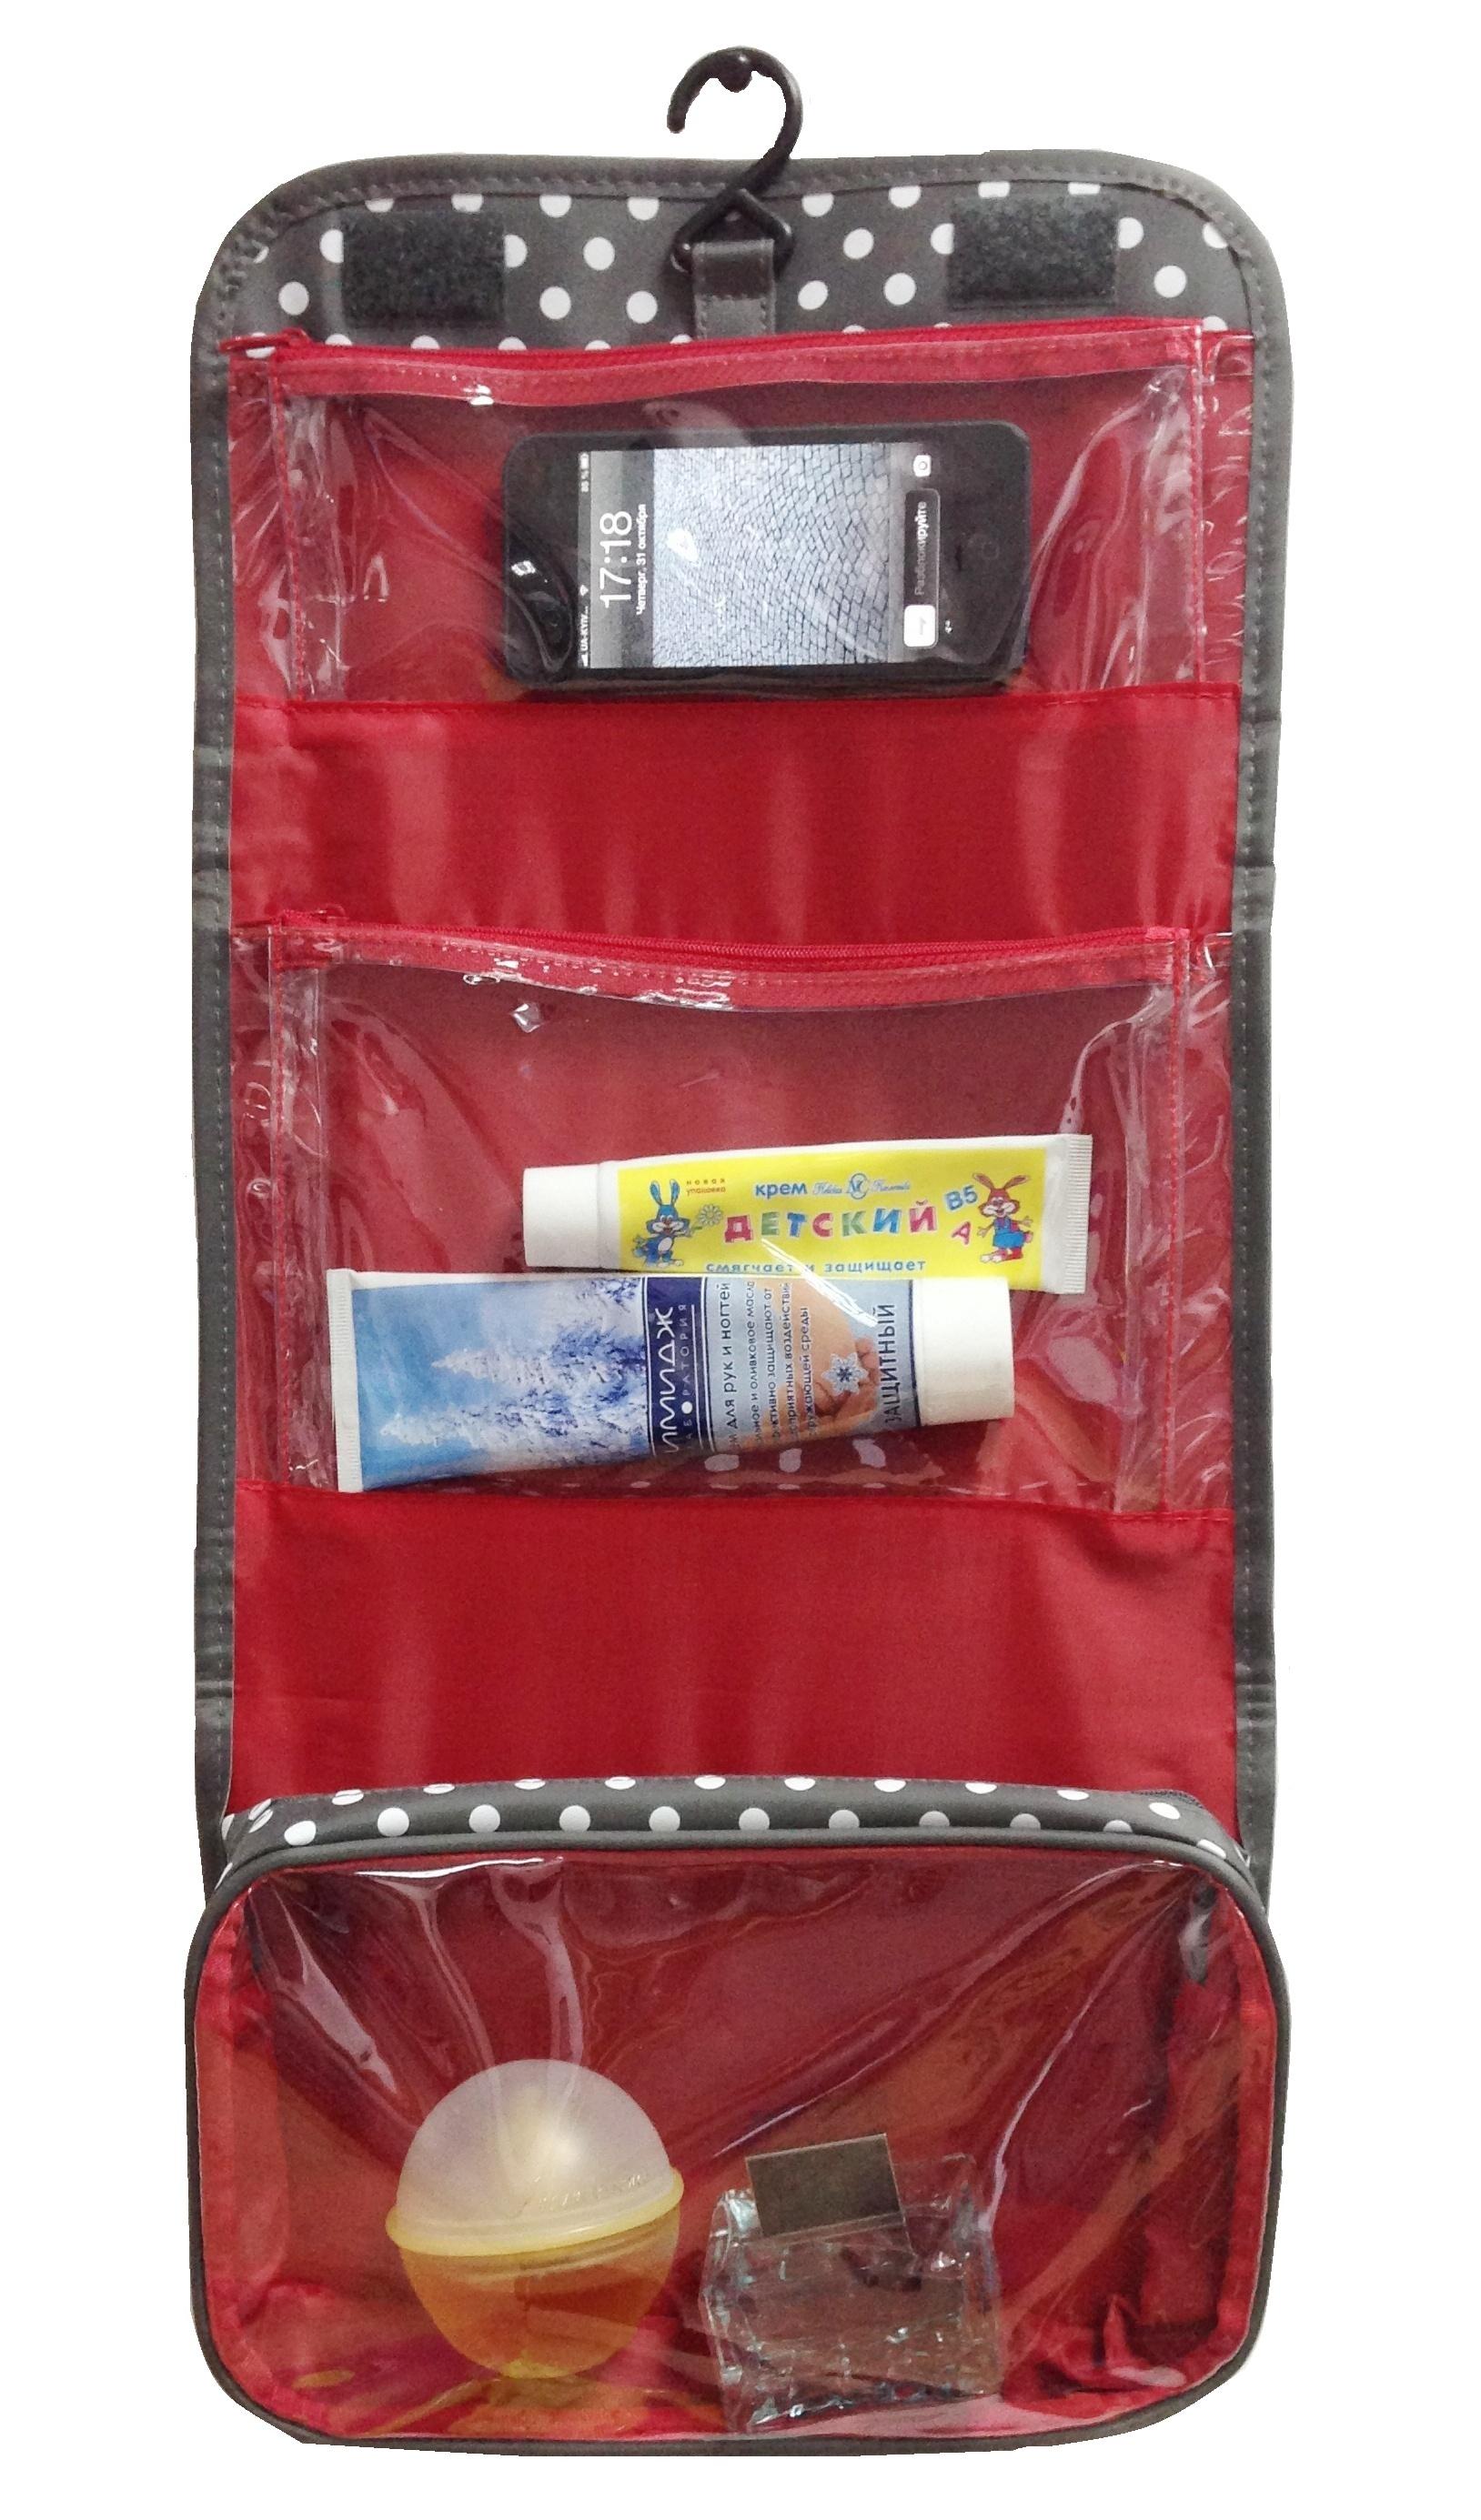 Сумка- органайзер для ванной Матроска. Купить по выгодной цене в интернет-магазине Tops.com.ua